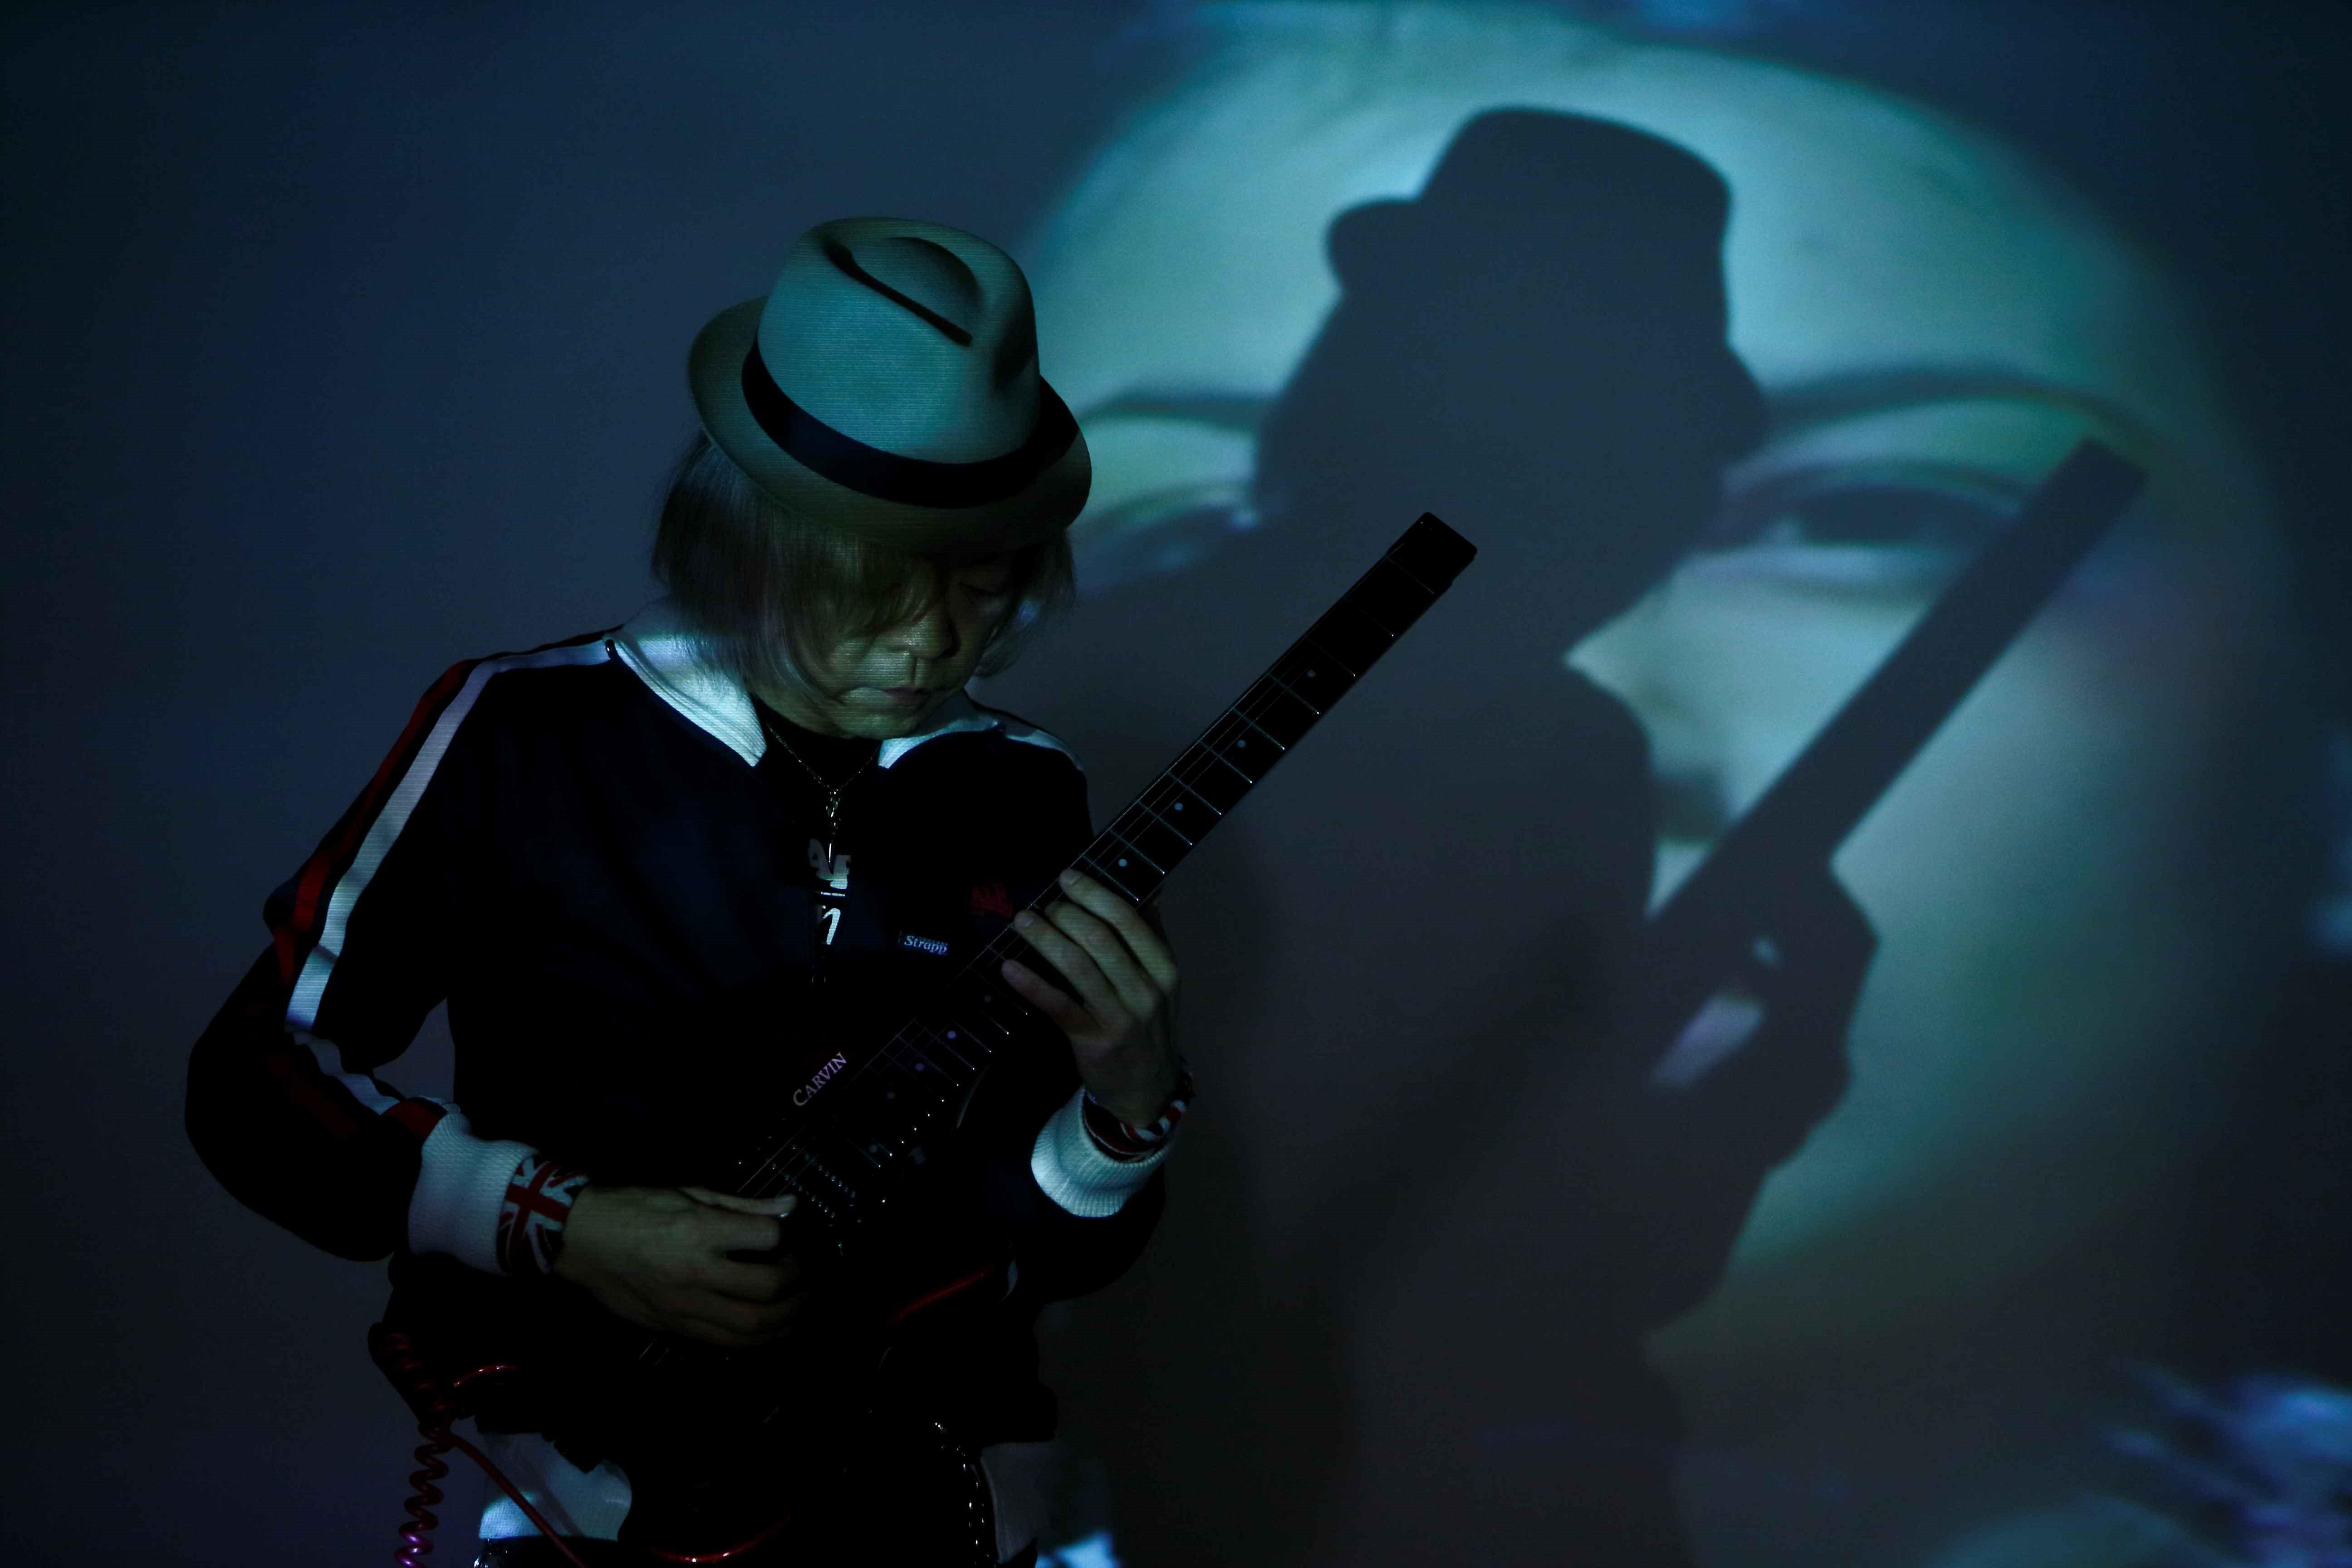 青柳プライベートギターレッスン